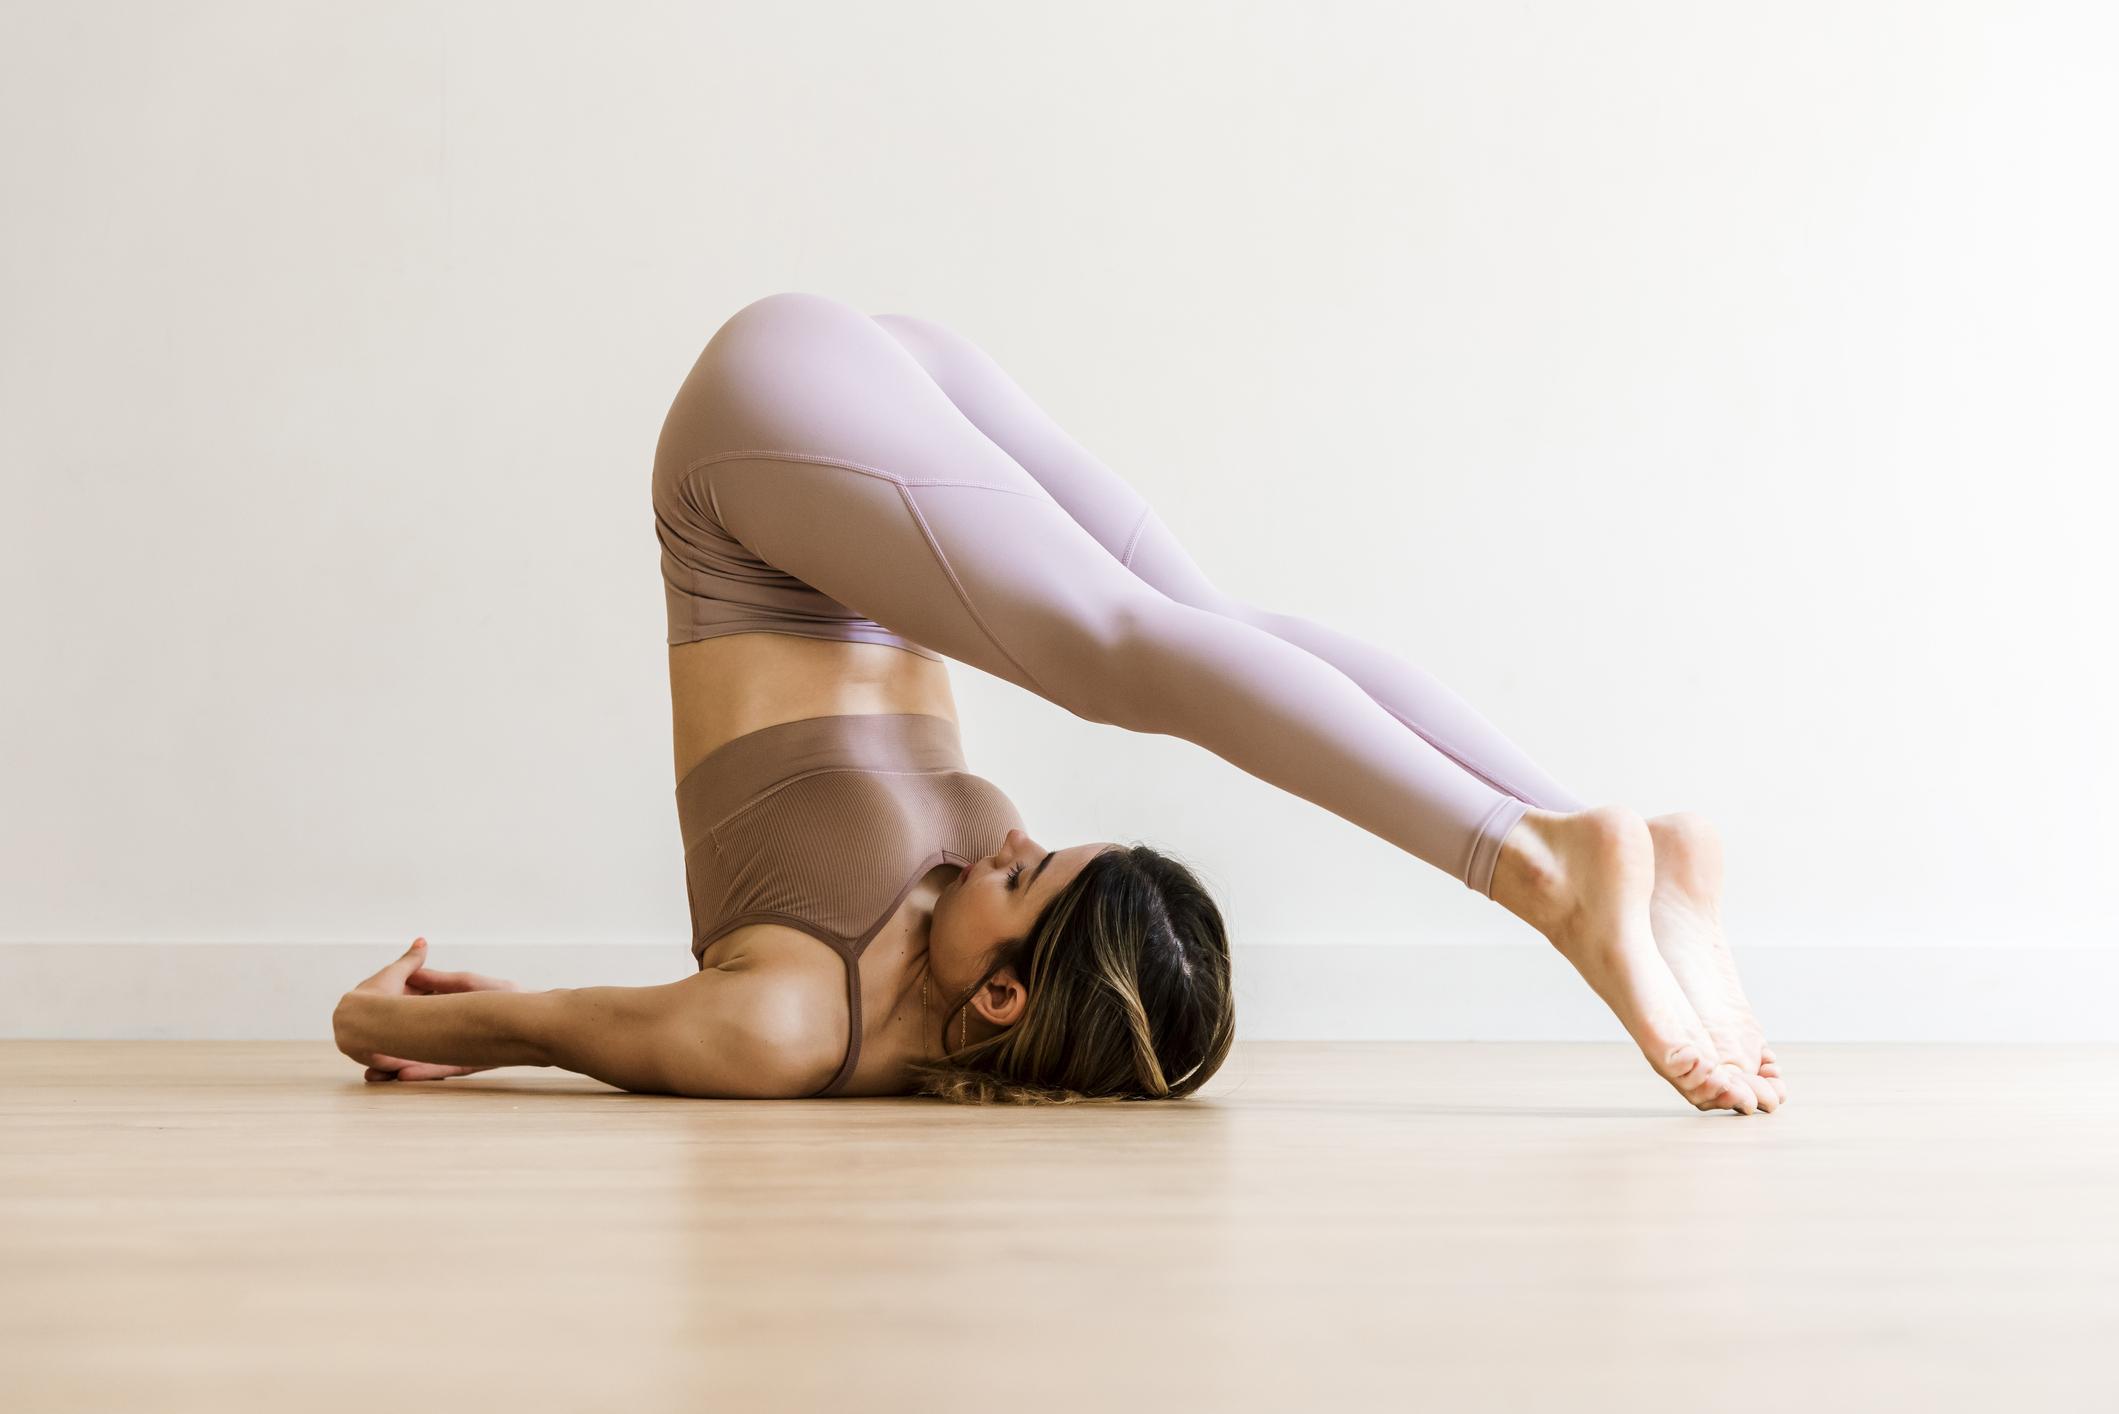 La pose de yoga Halasana, idéale pour évacuer les gaz emprisonnés.